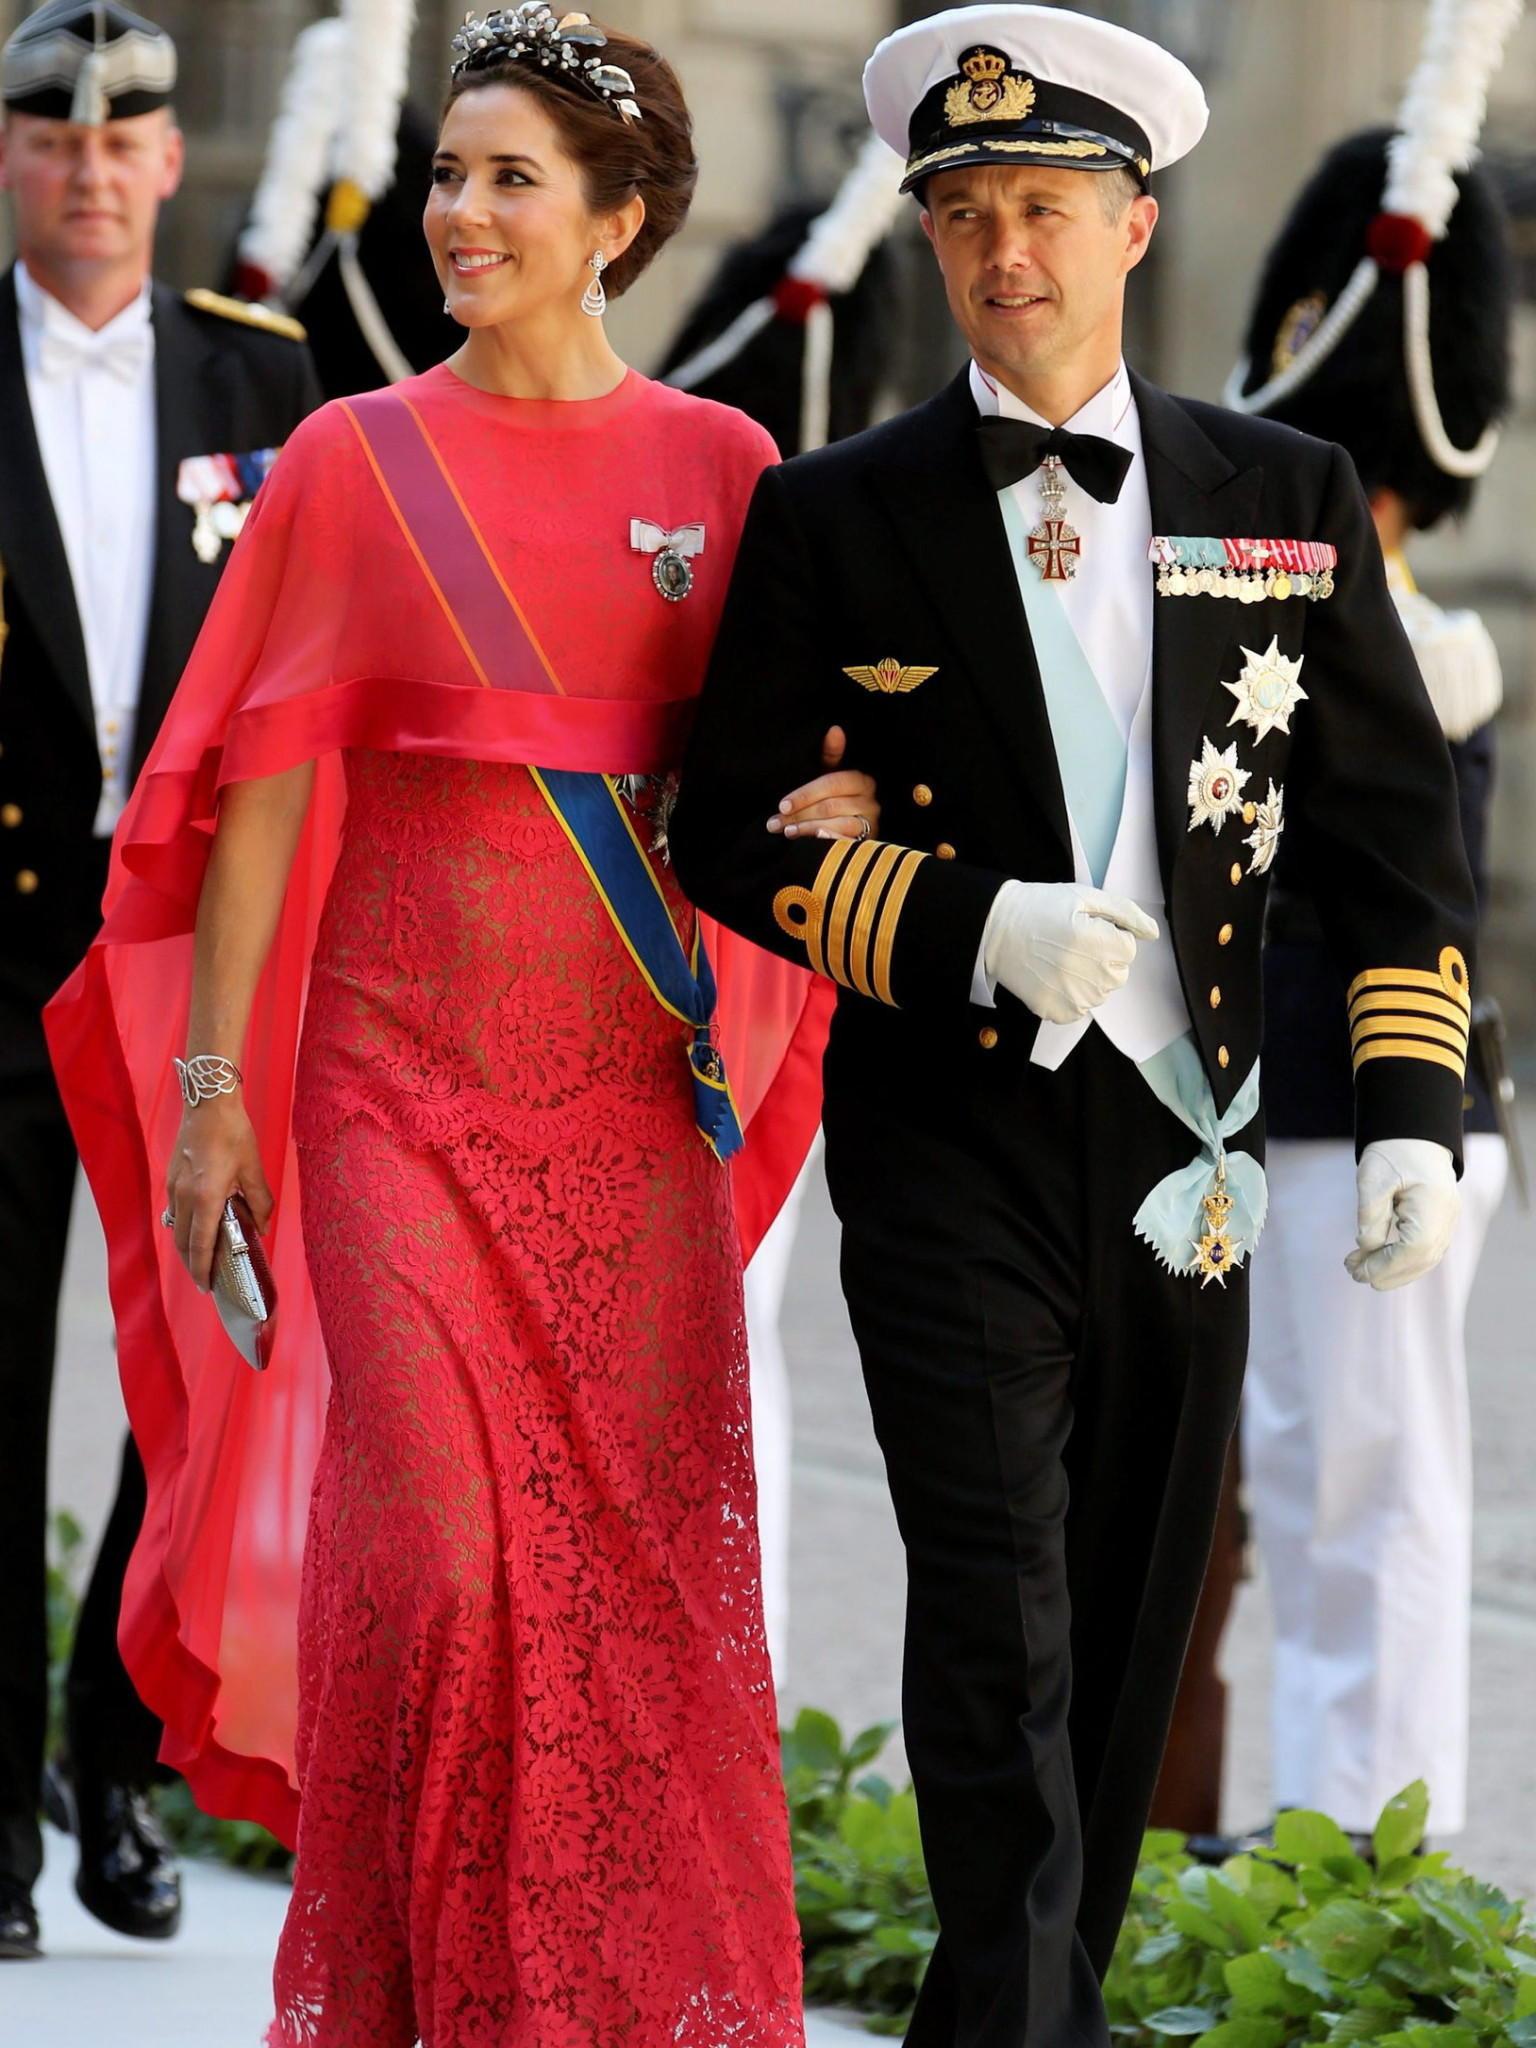 Hochzeit In Schweden: Die Schönsten Kleider